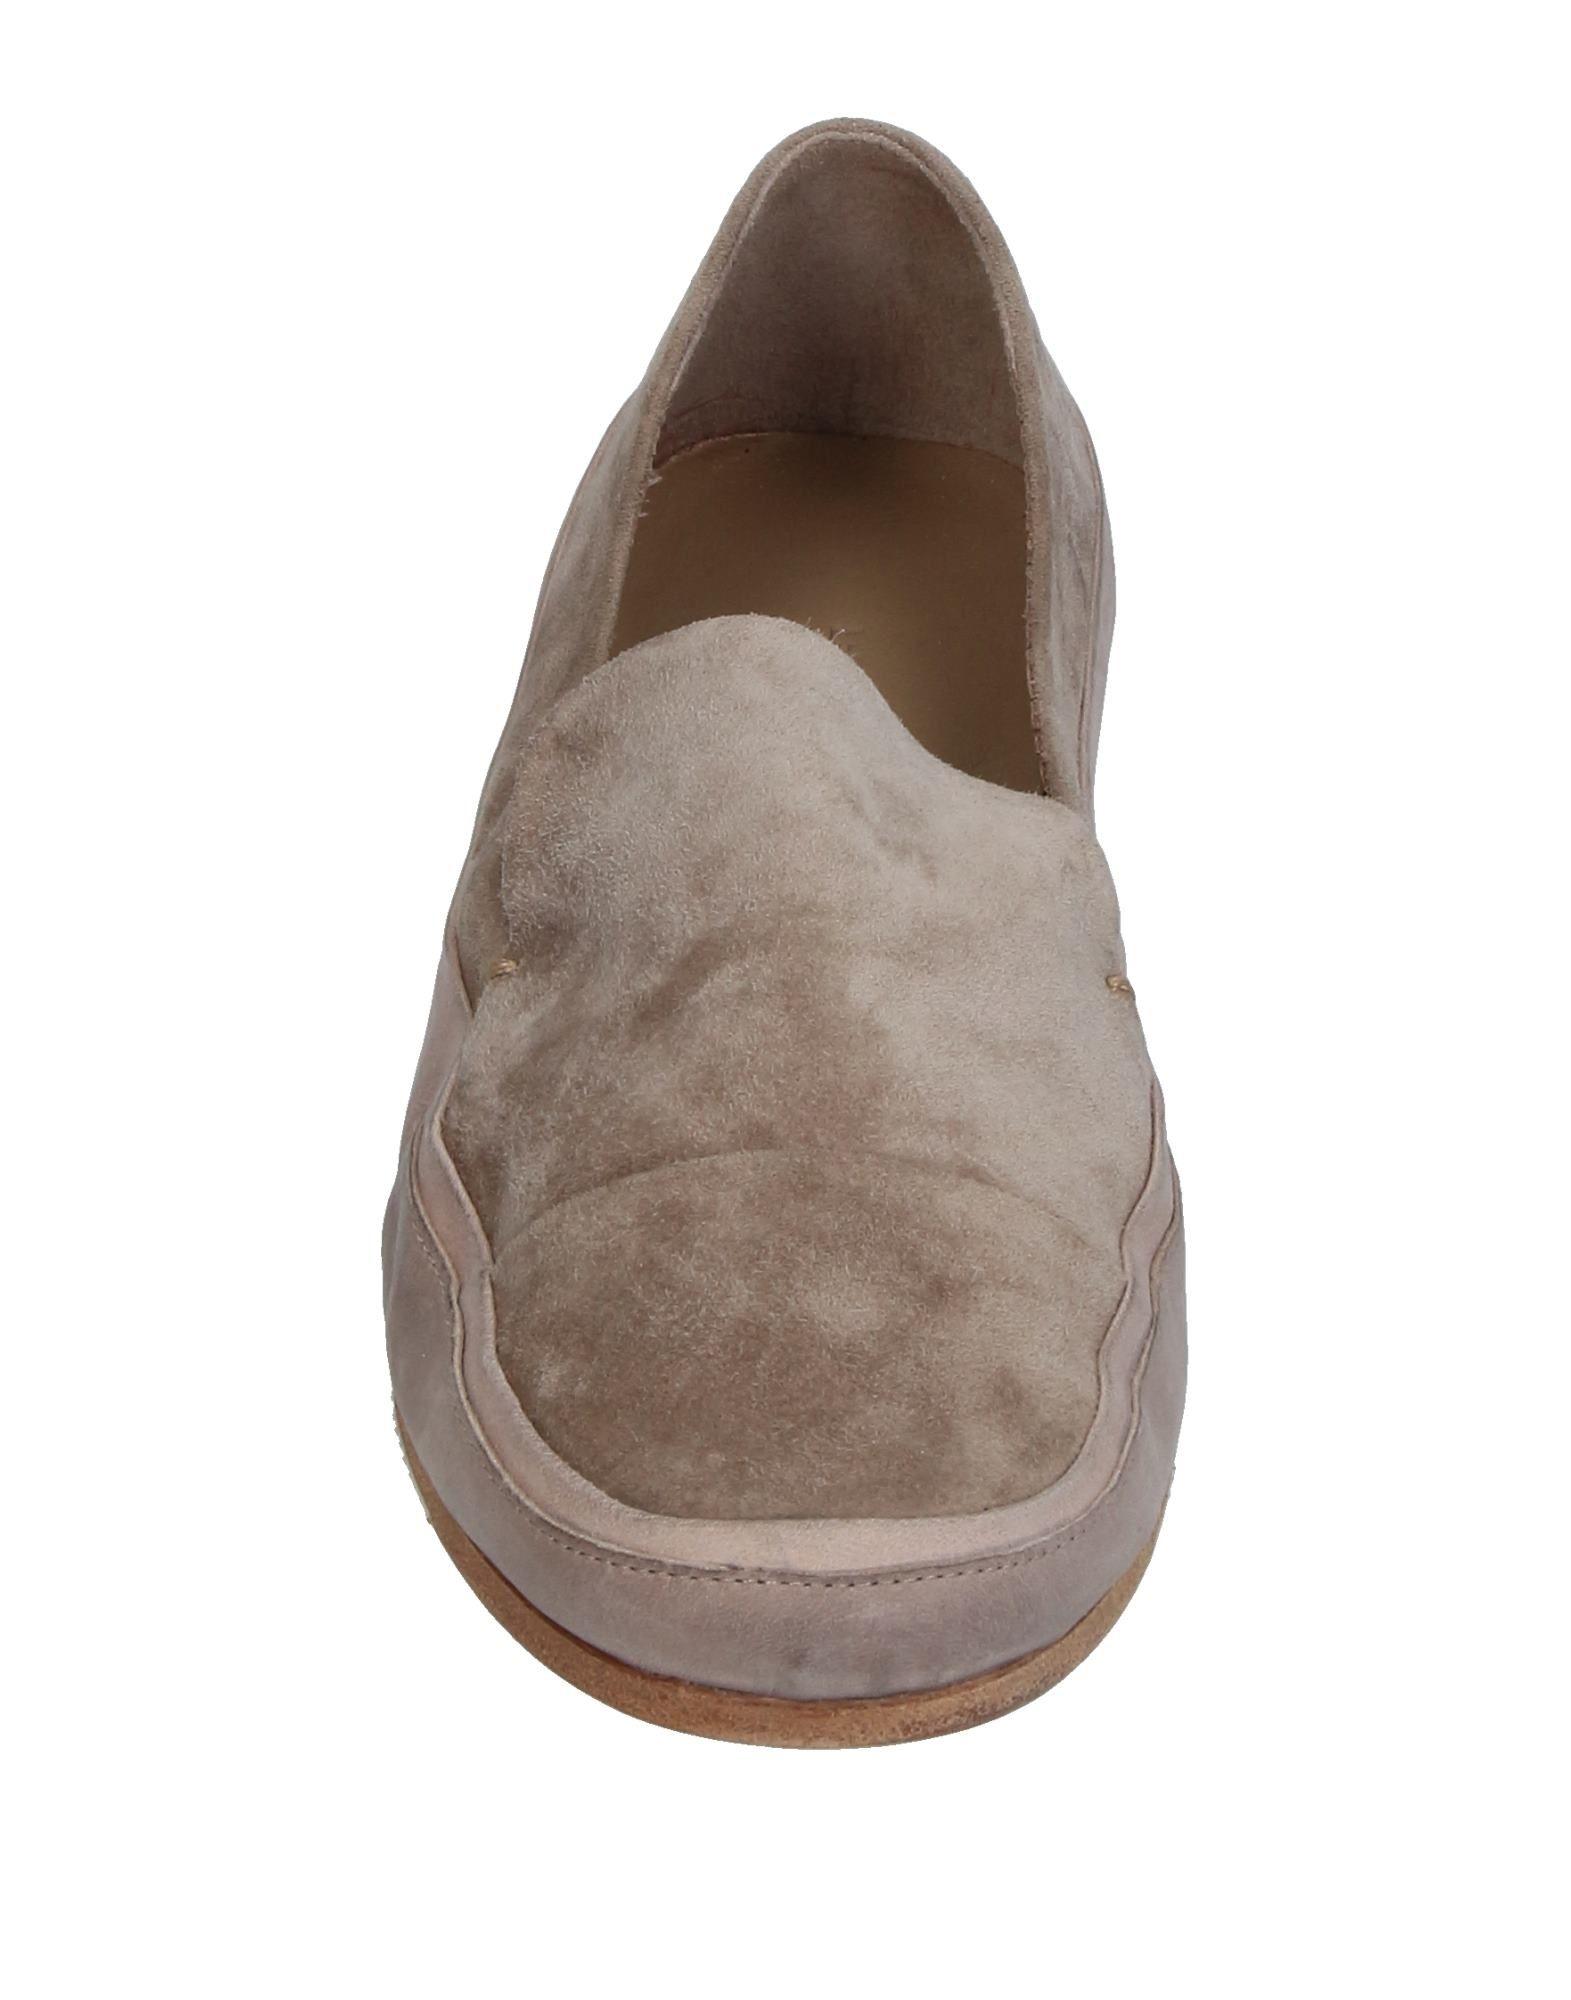 Laboratorigarbo Mokassins Damen  11369433IW Gute Qualität beliebte Schuhe